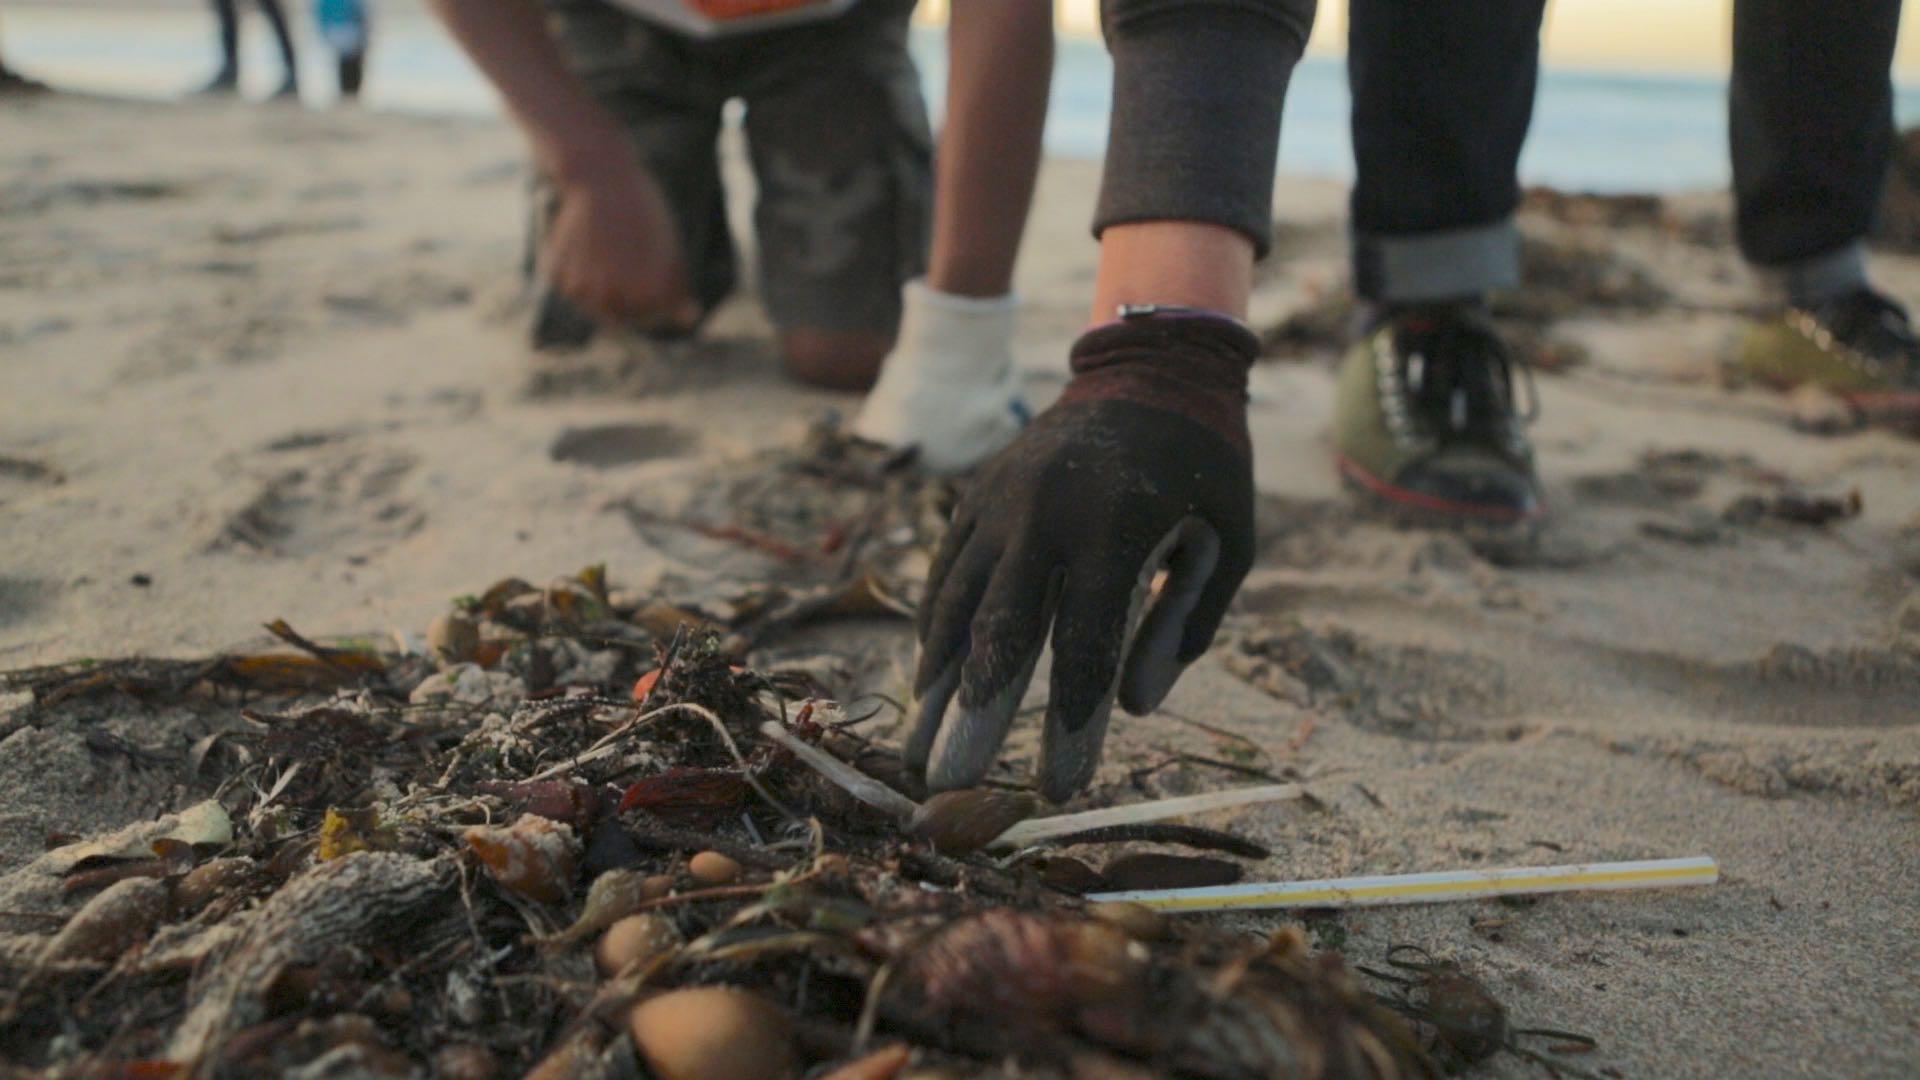 Monterey Beach Clean-up Straws